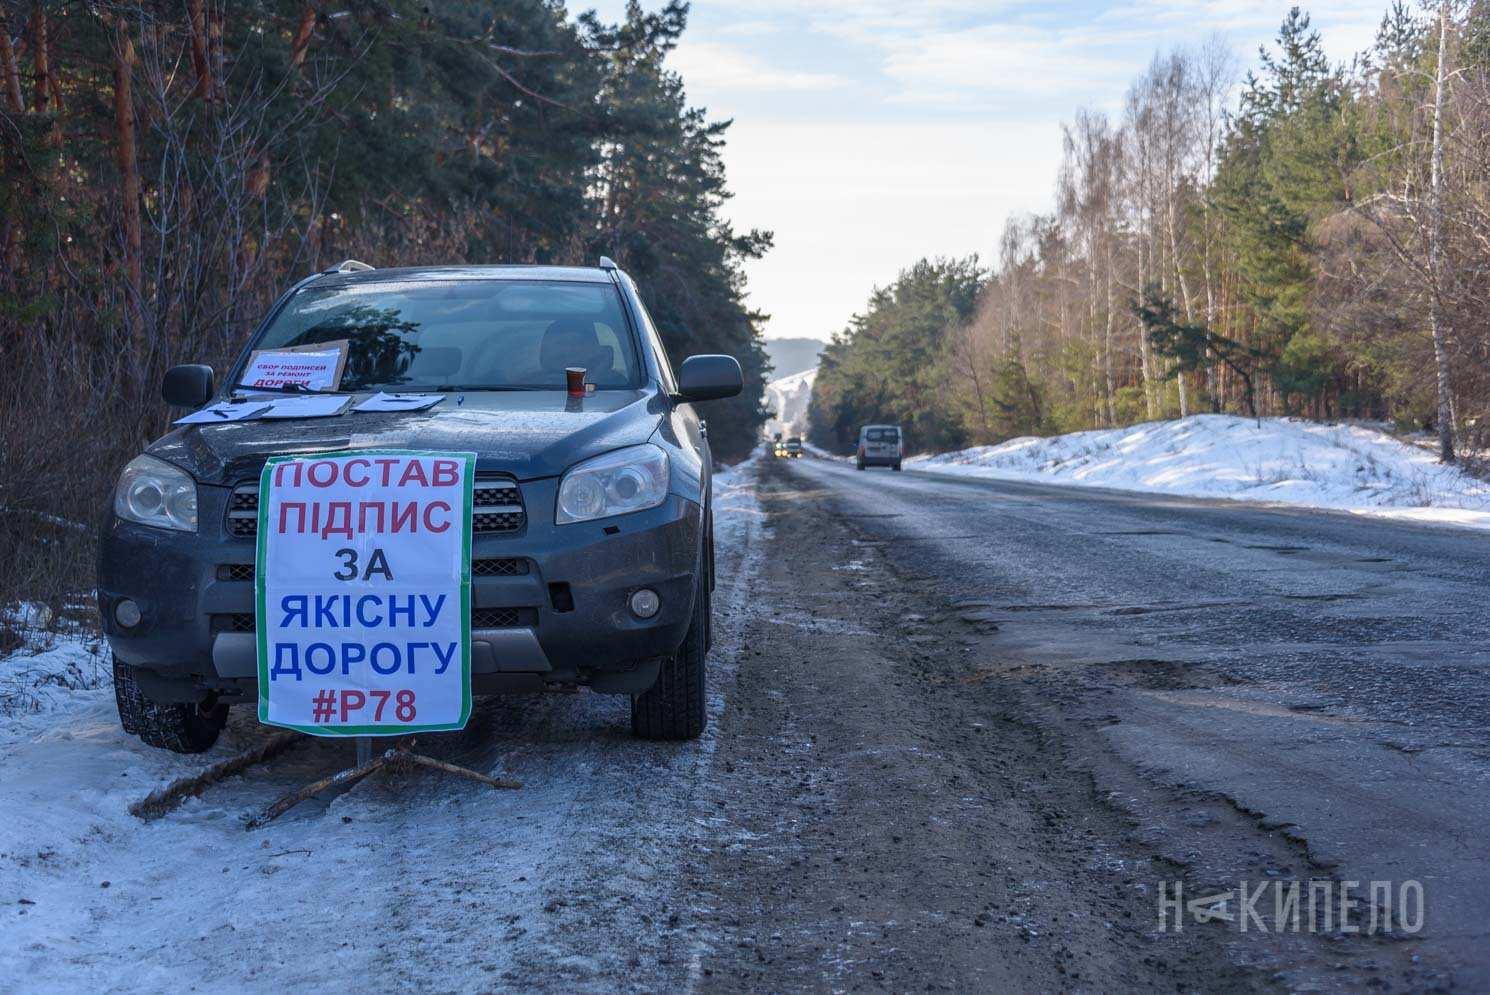 накипело дорога яма область харьков ремонт ямочный асфальт бтр путешествие акция активист яма дорога